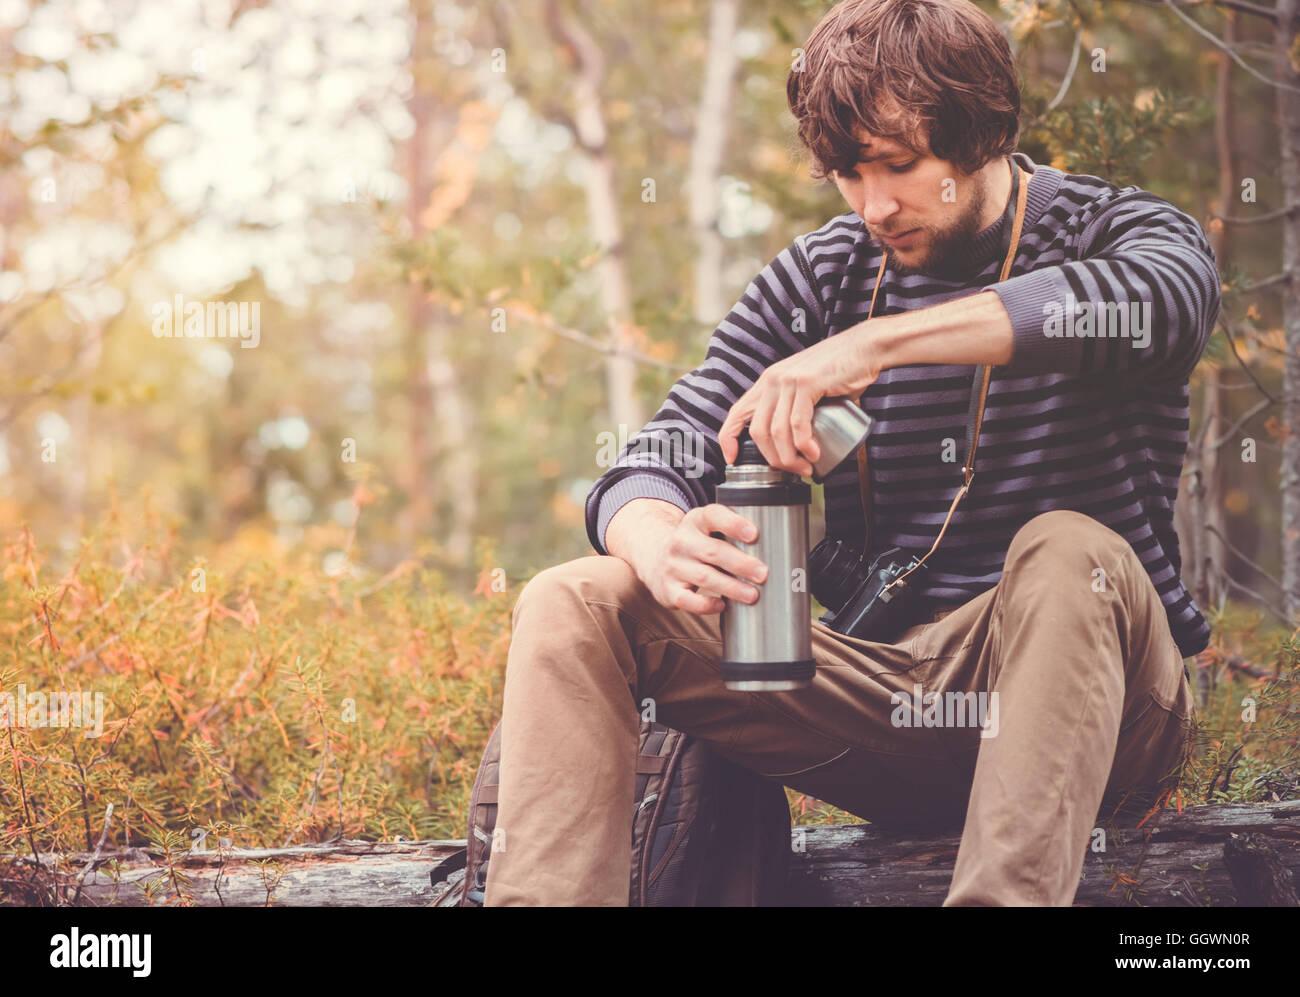 Hombre viajero relax en bosque con termos, mochila y cámara de fotos de Viajes Vacaciones en concepto de estilo Imagen De Stock